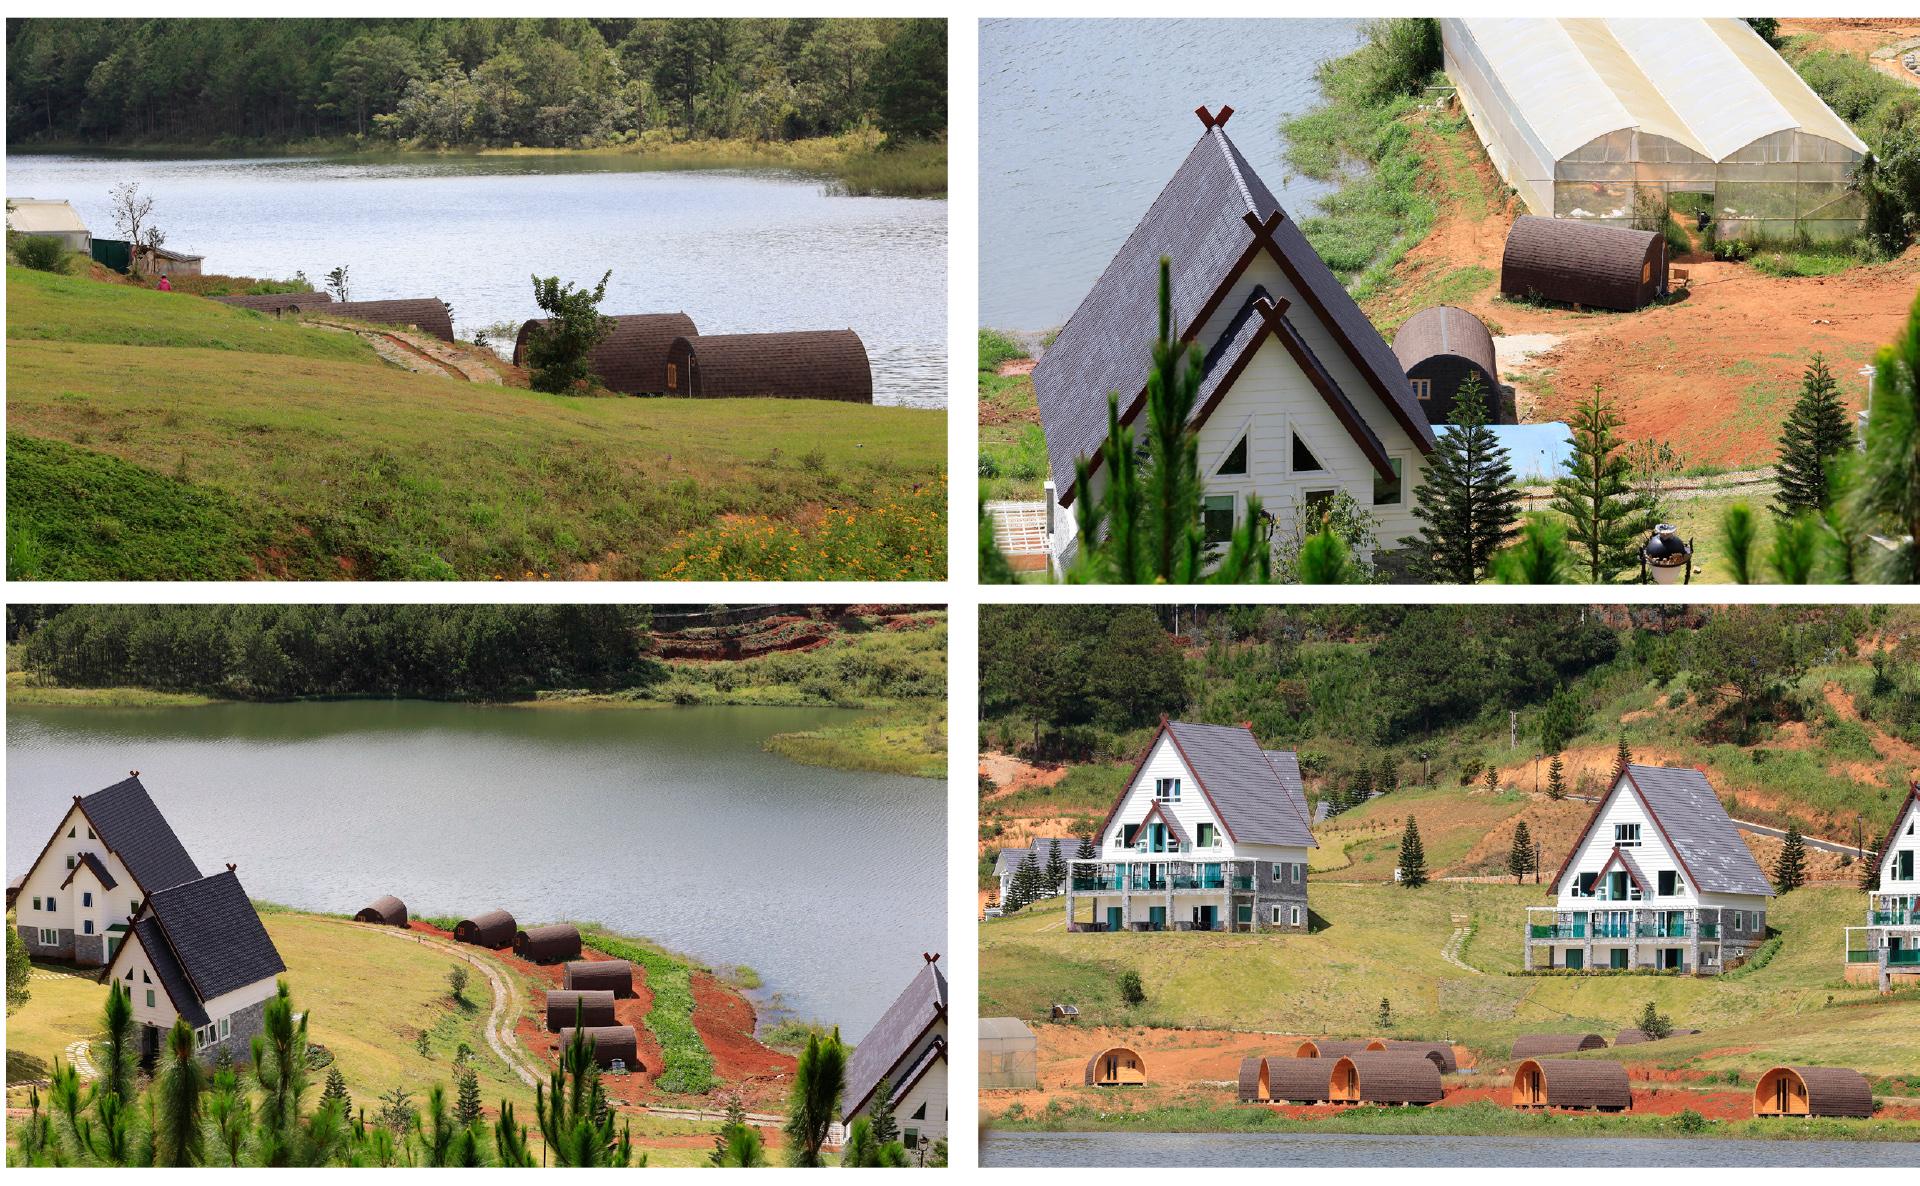 Di tích thắng cảnh quốc gia hồ Tuyền Lâm bị xâm hại như thế nào? ảnh 7